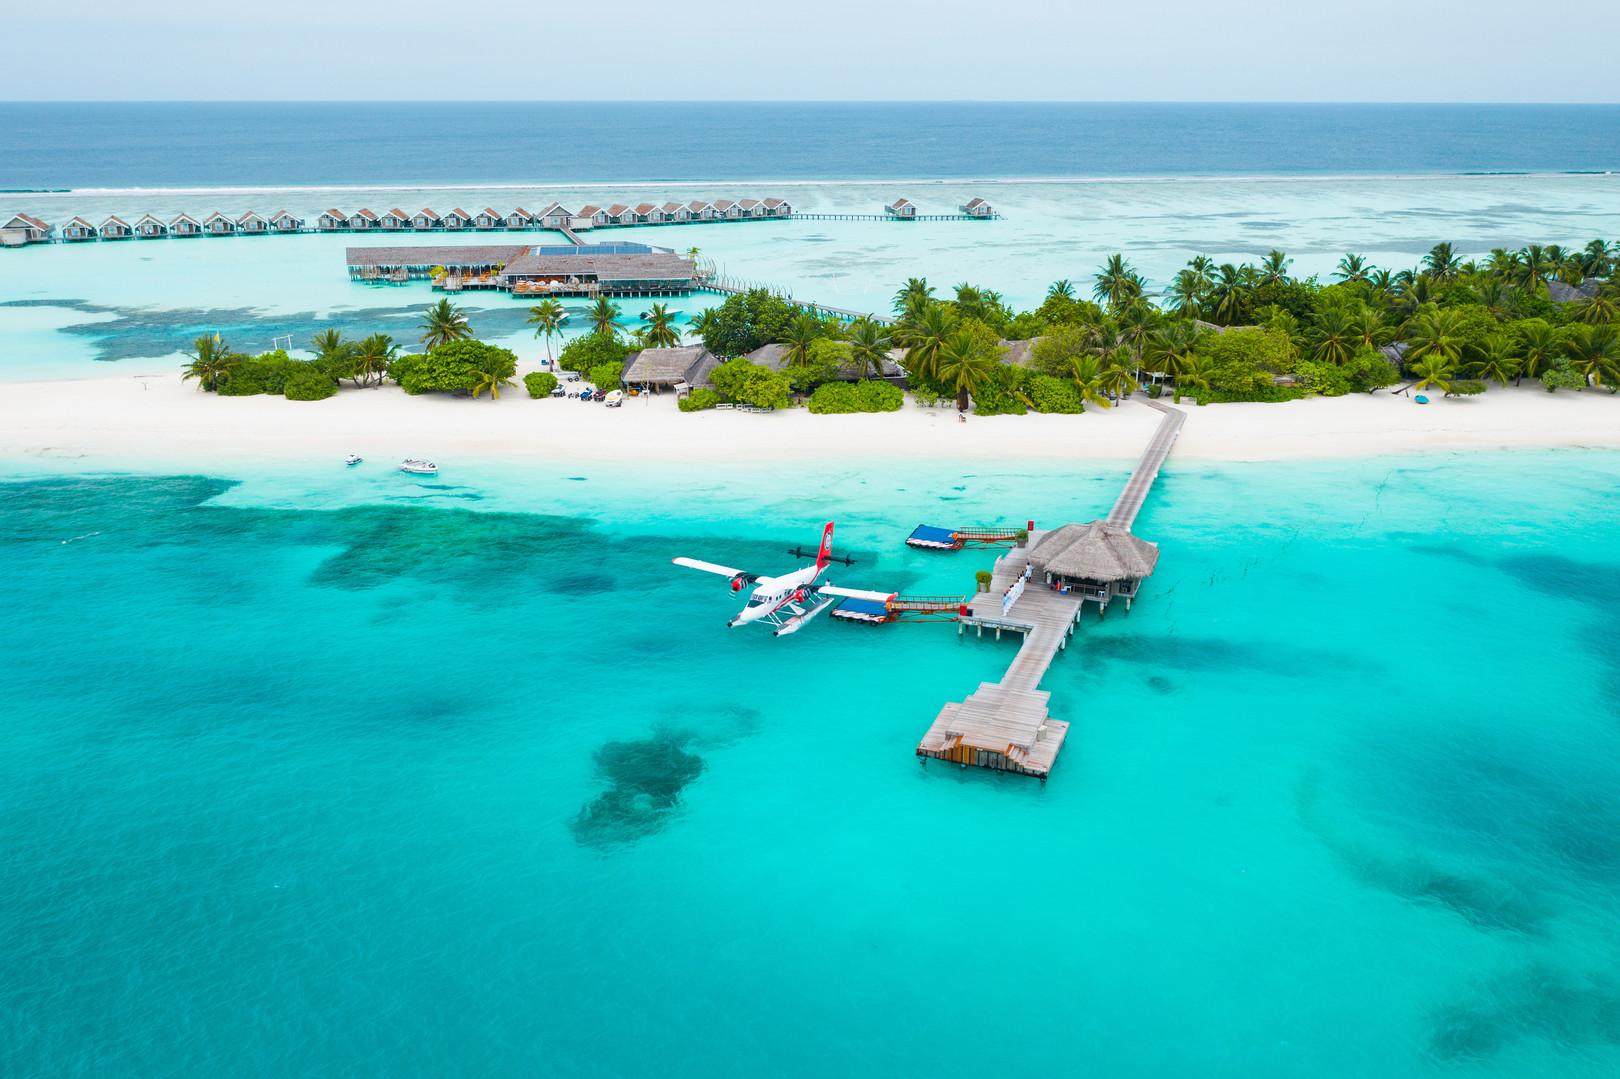 20190710_MAVIC_CAMILLA_DELLION_MALDIVES_